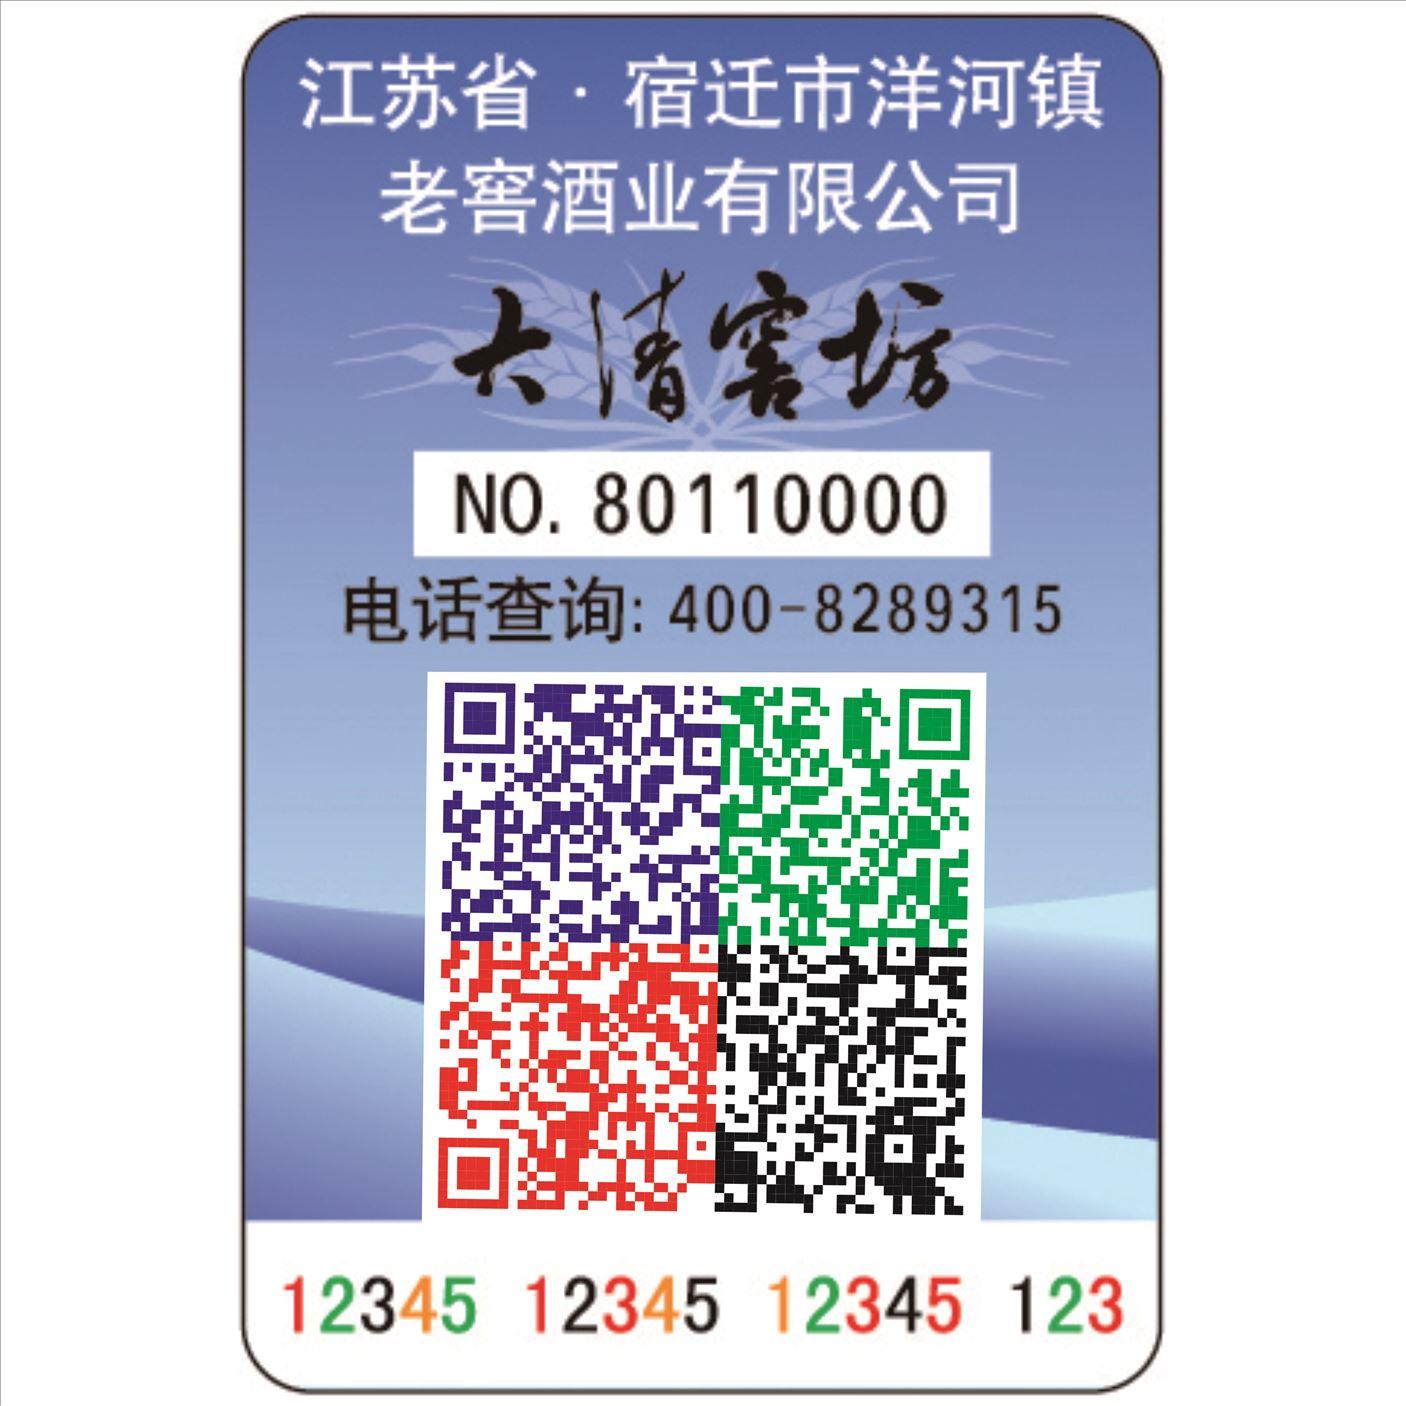 二维码防伪标签多项技术,使用二维码防伪标签时,